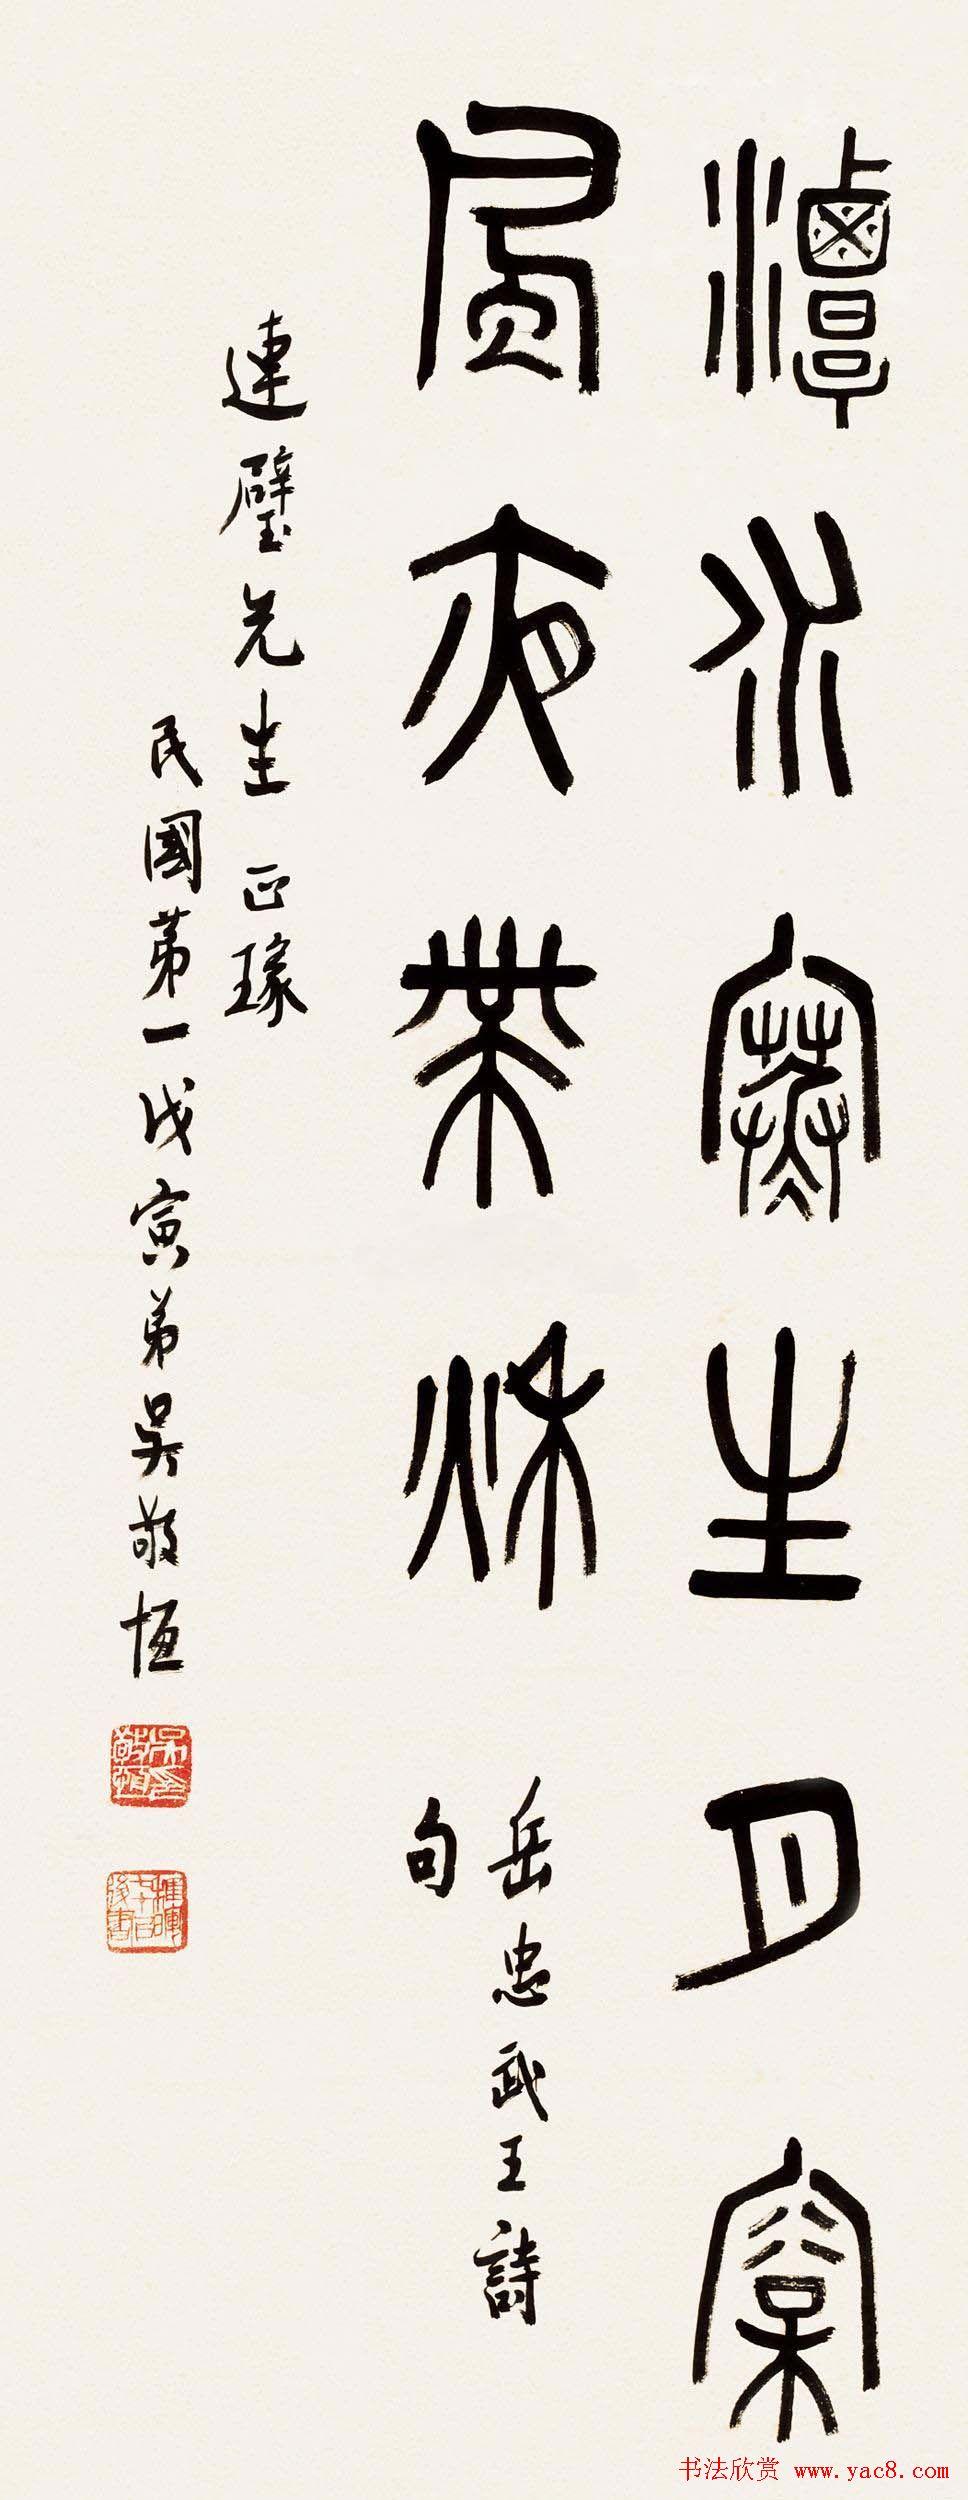 吴稚晖书法墨迹篆书作品